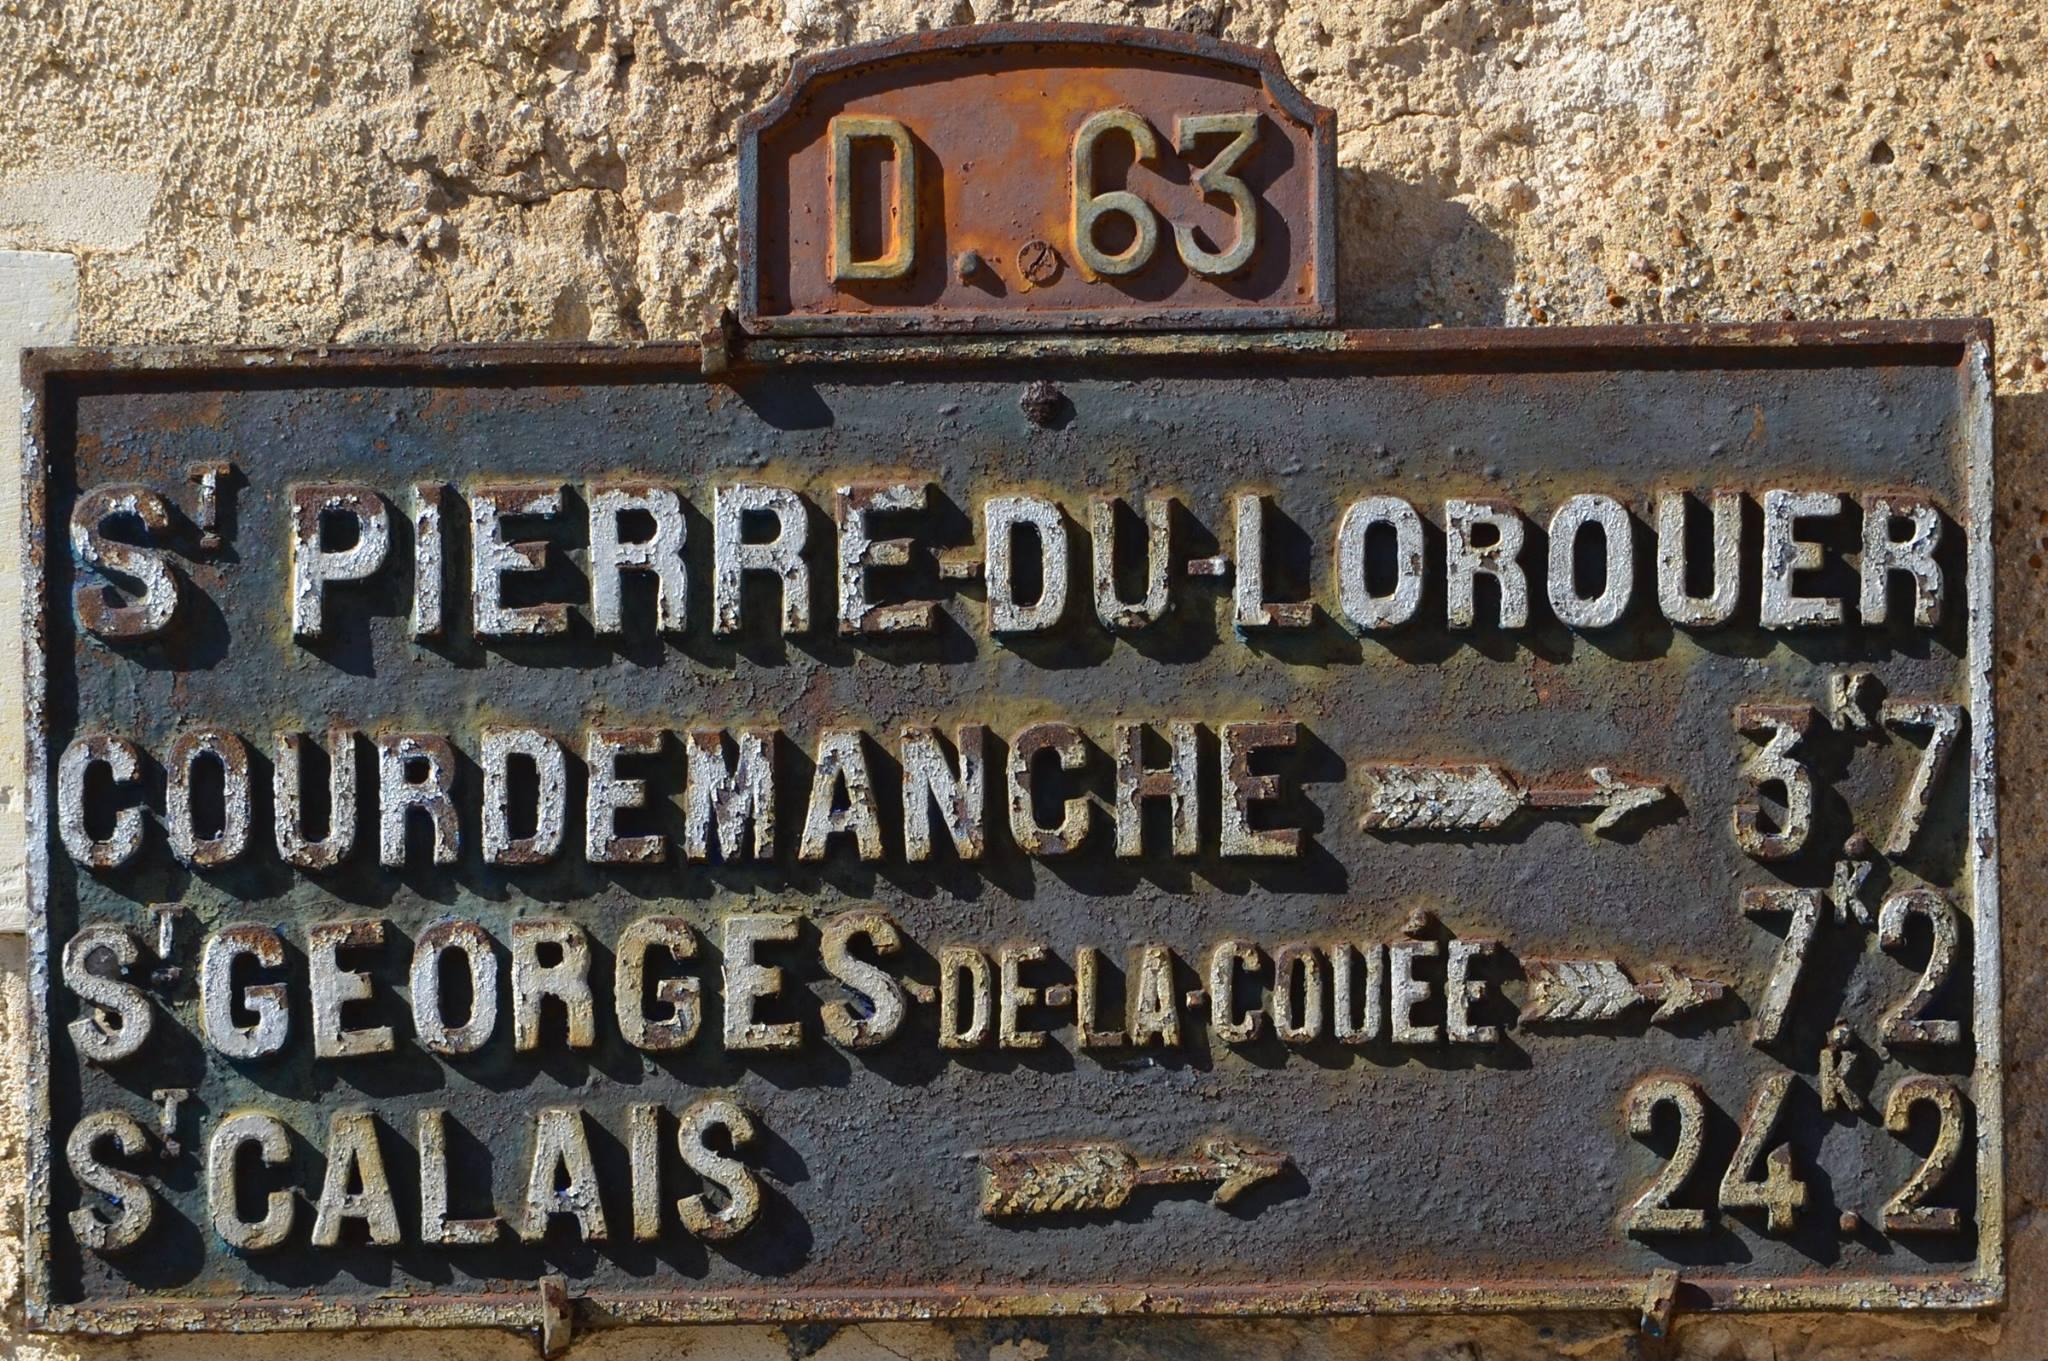 Saint Pierre du Lorouër, rue de la Veuve - Plaque de cocher - Courdemanche - Saint Georges de la Couée - Saint Calais (San Doni)